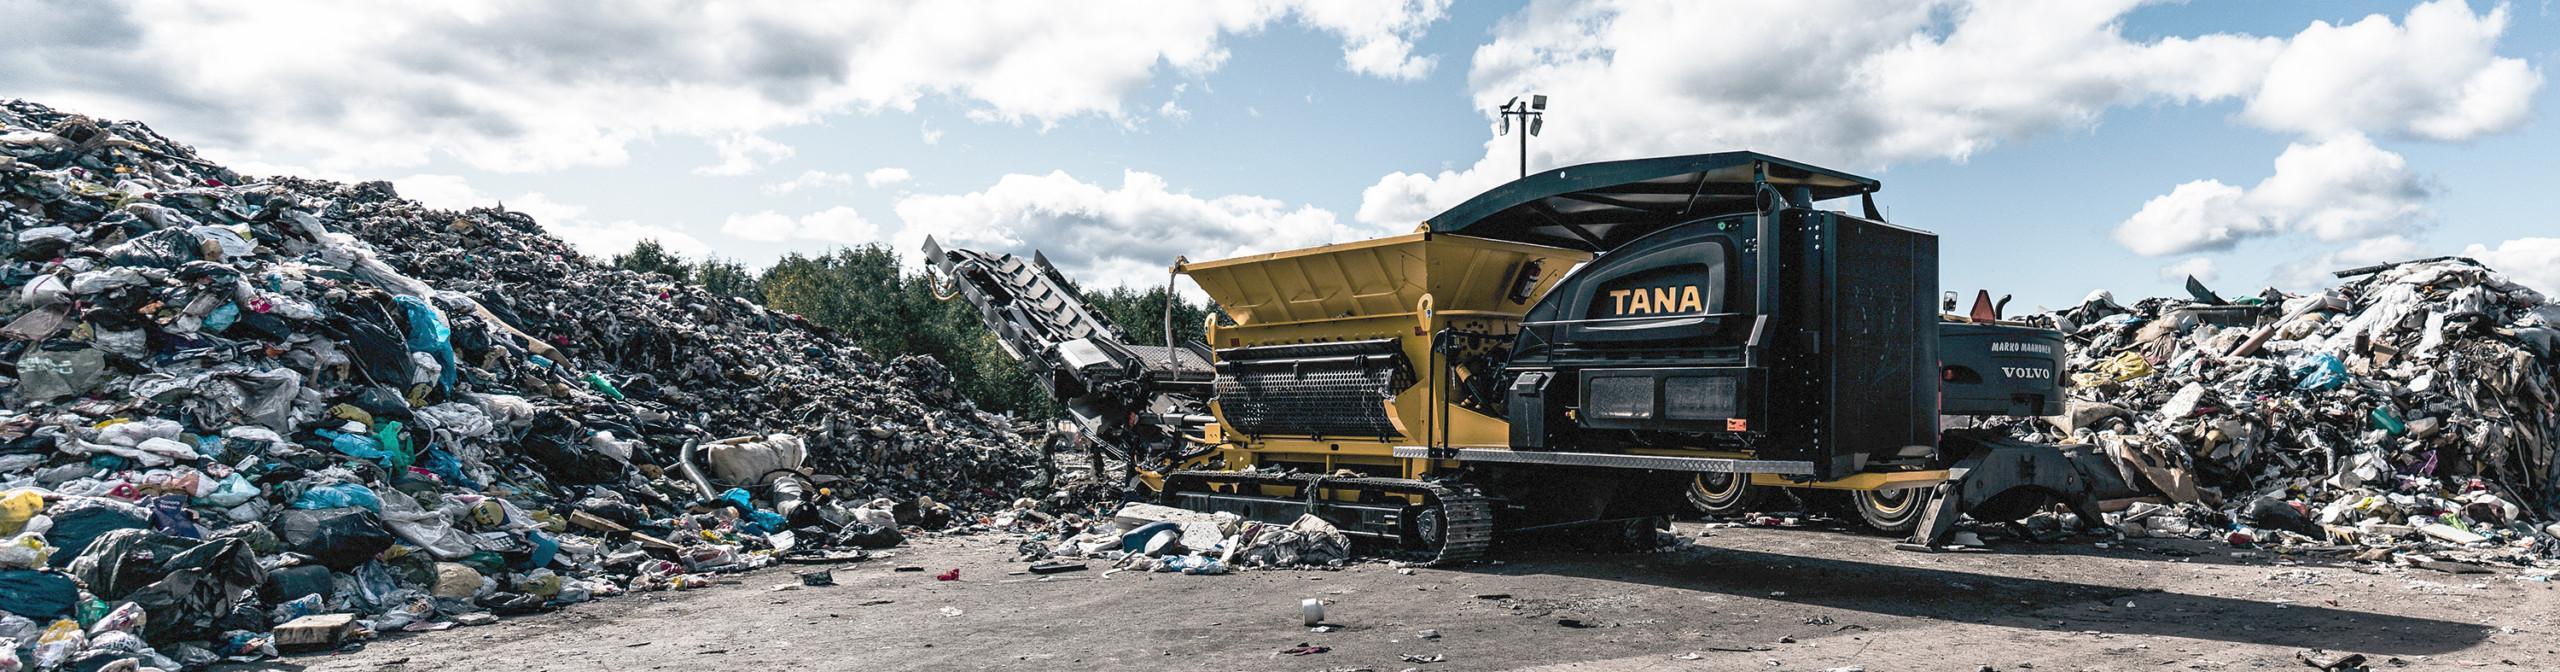 Commercial waste in Saarijarvi